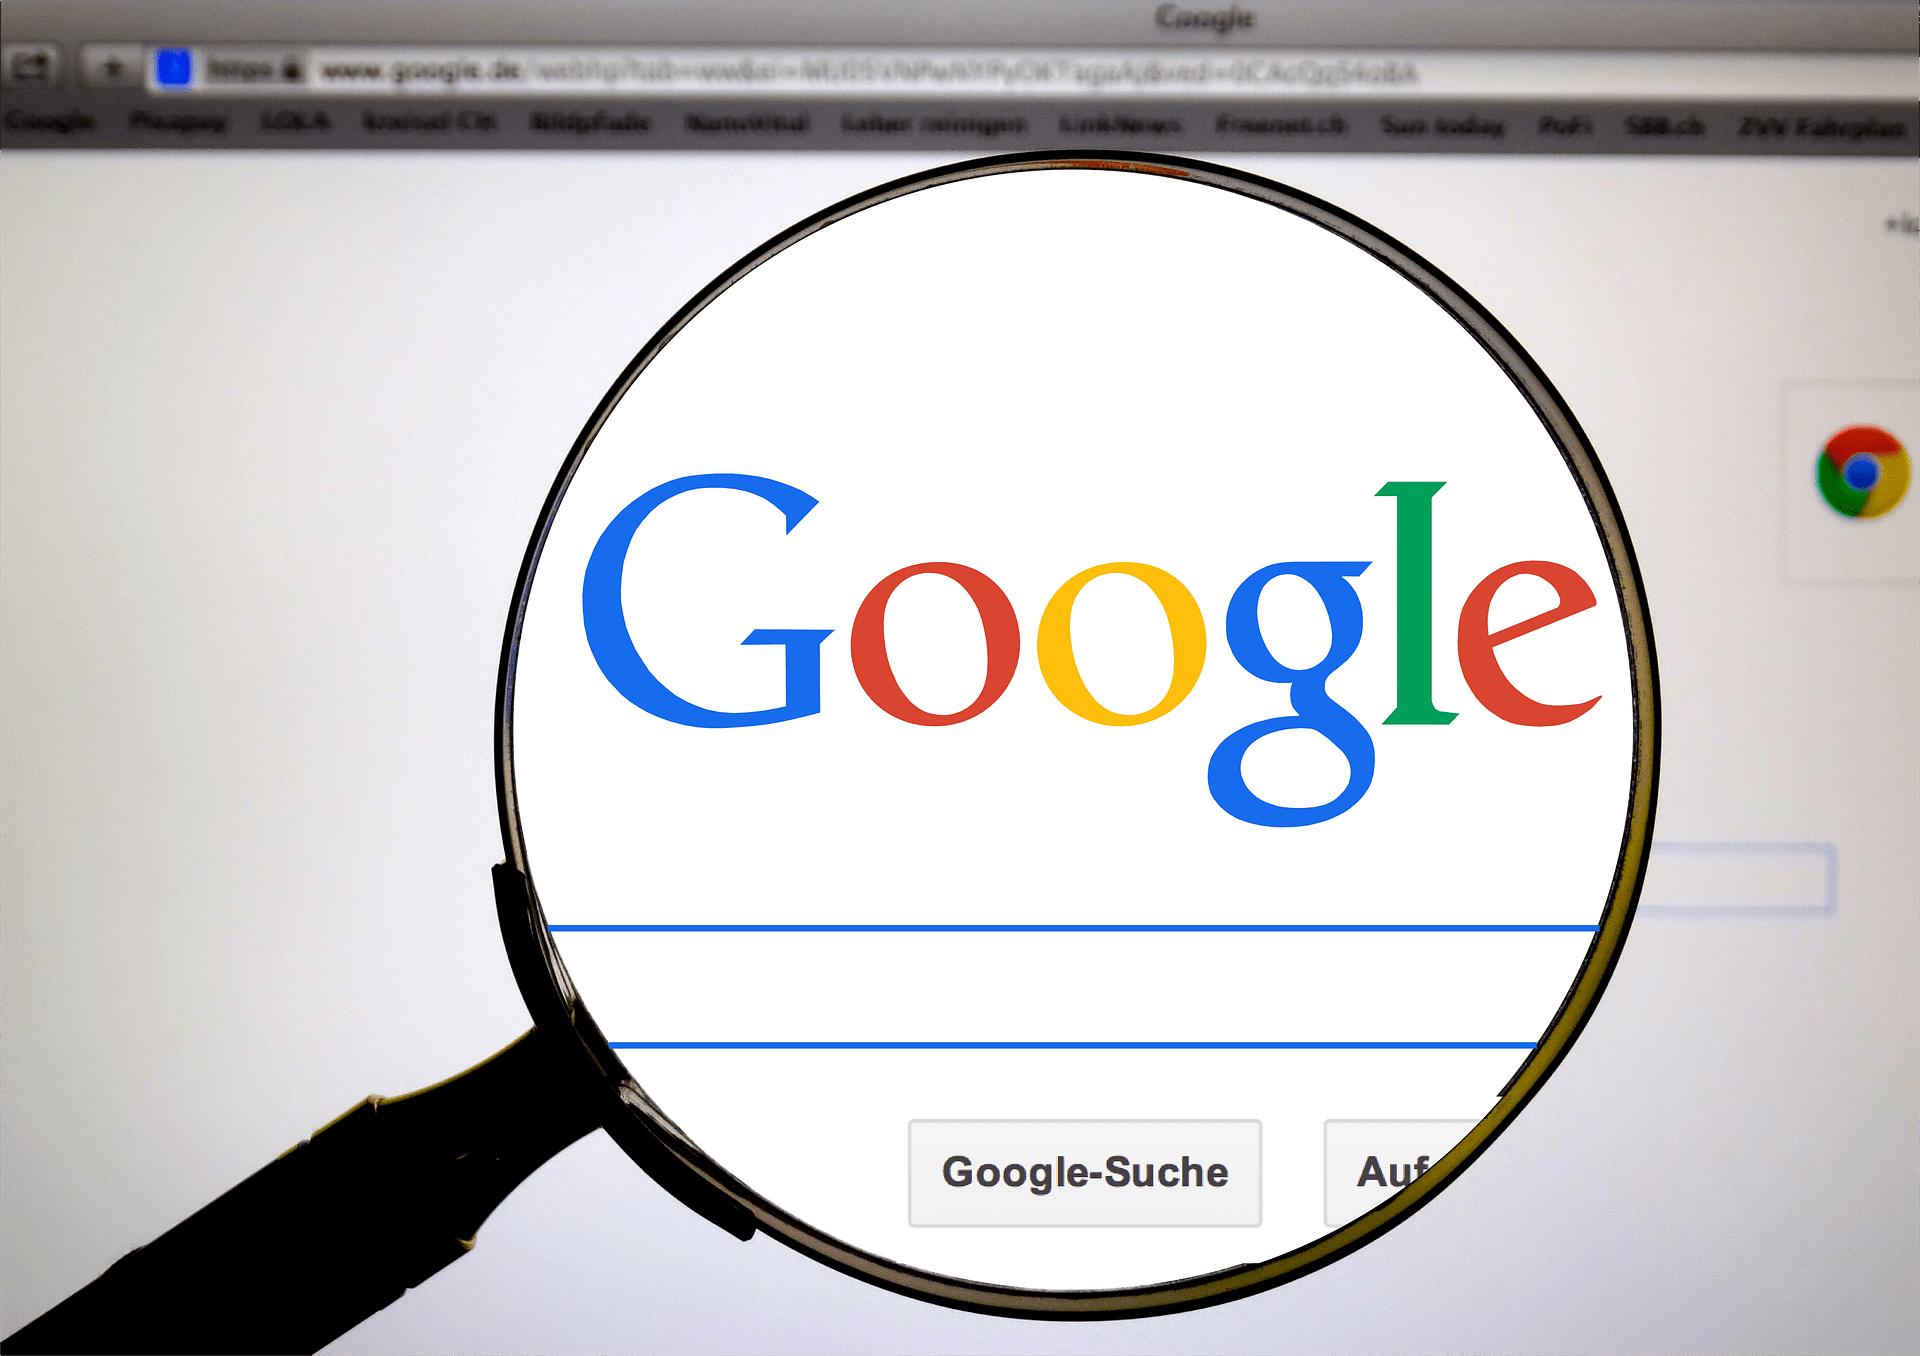 google-marque-puissante